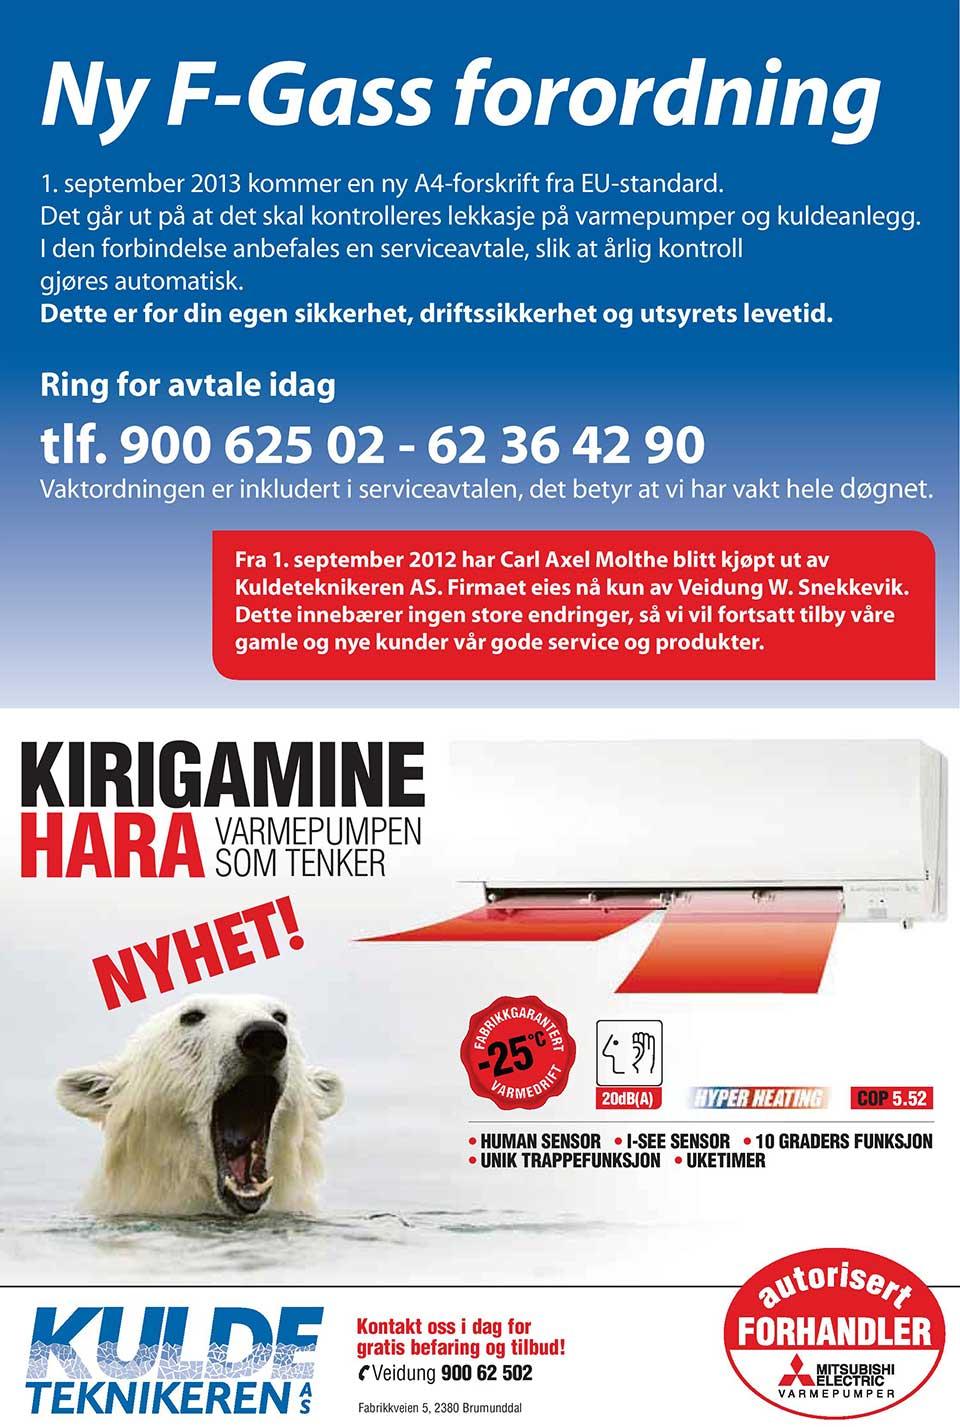 ny F-gass forordning